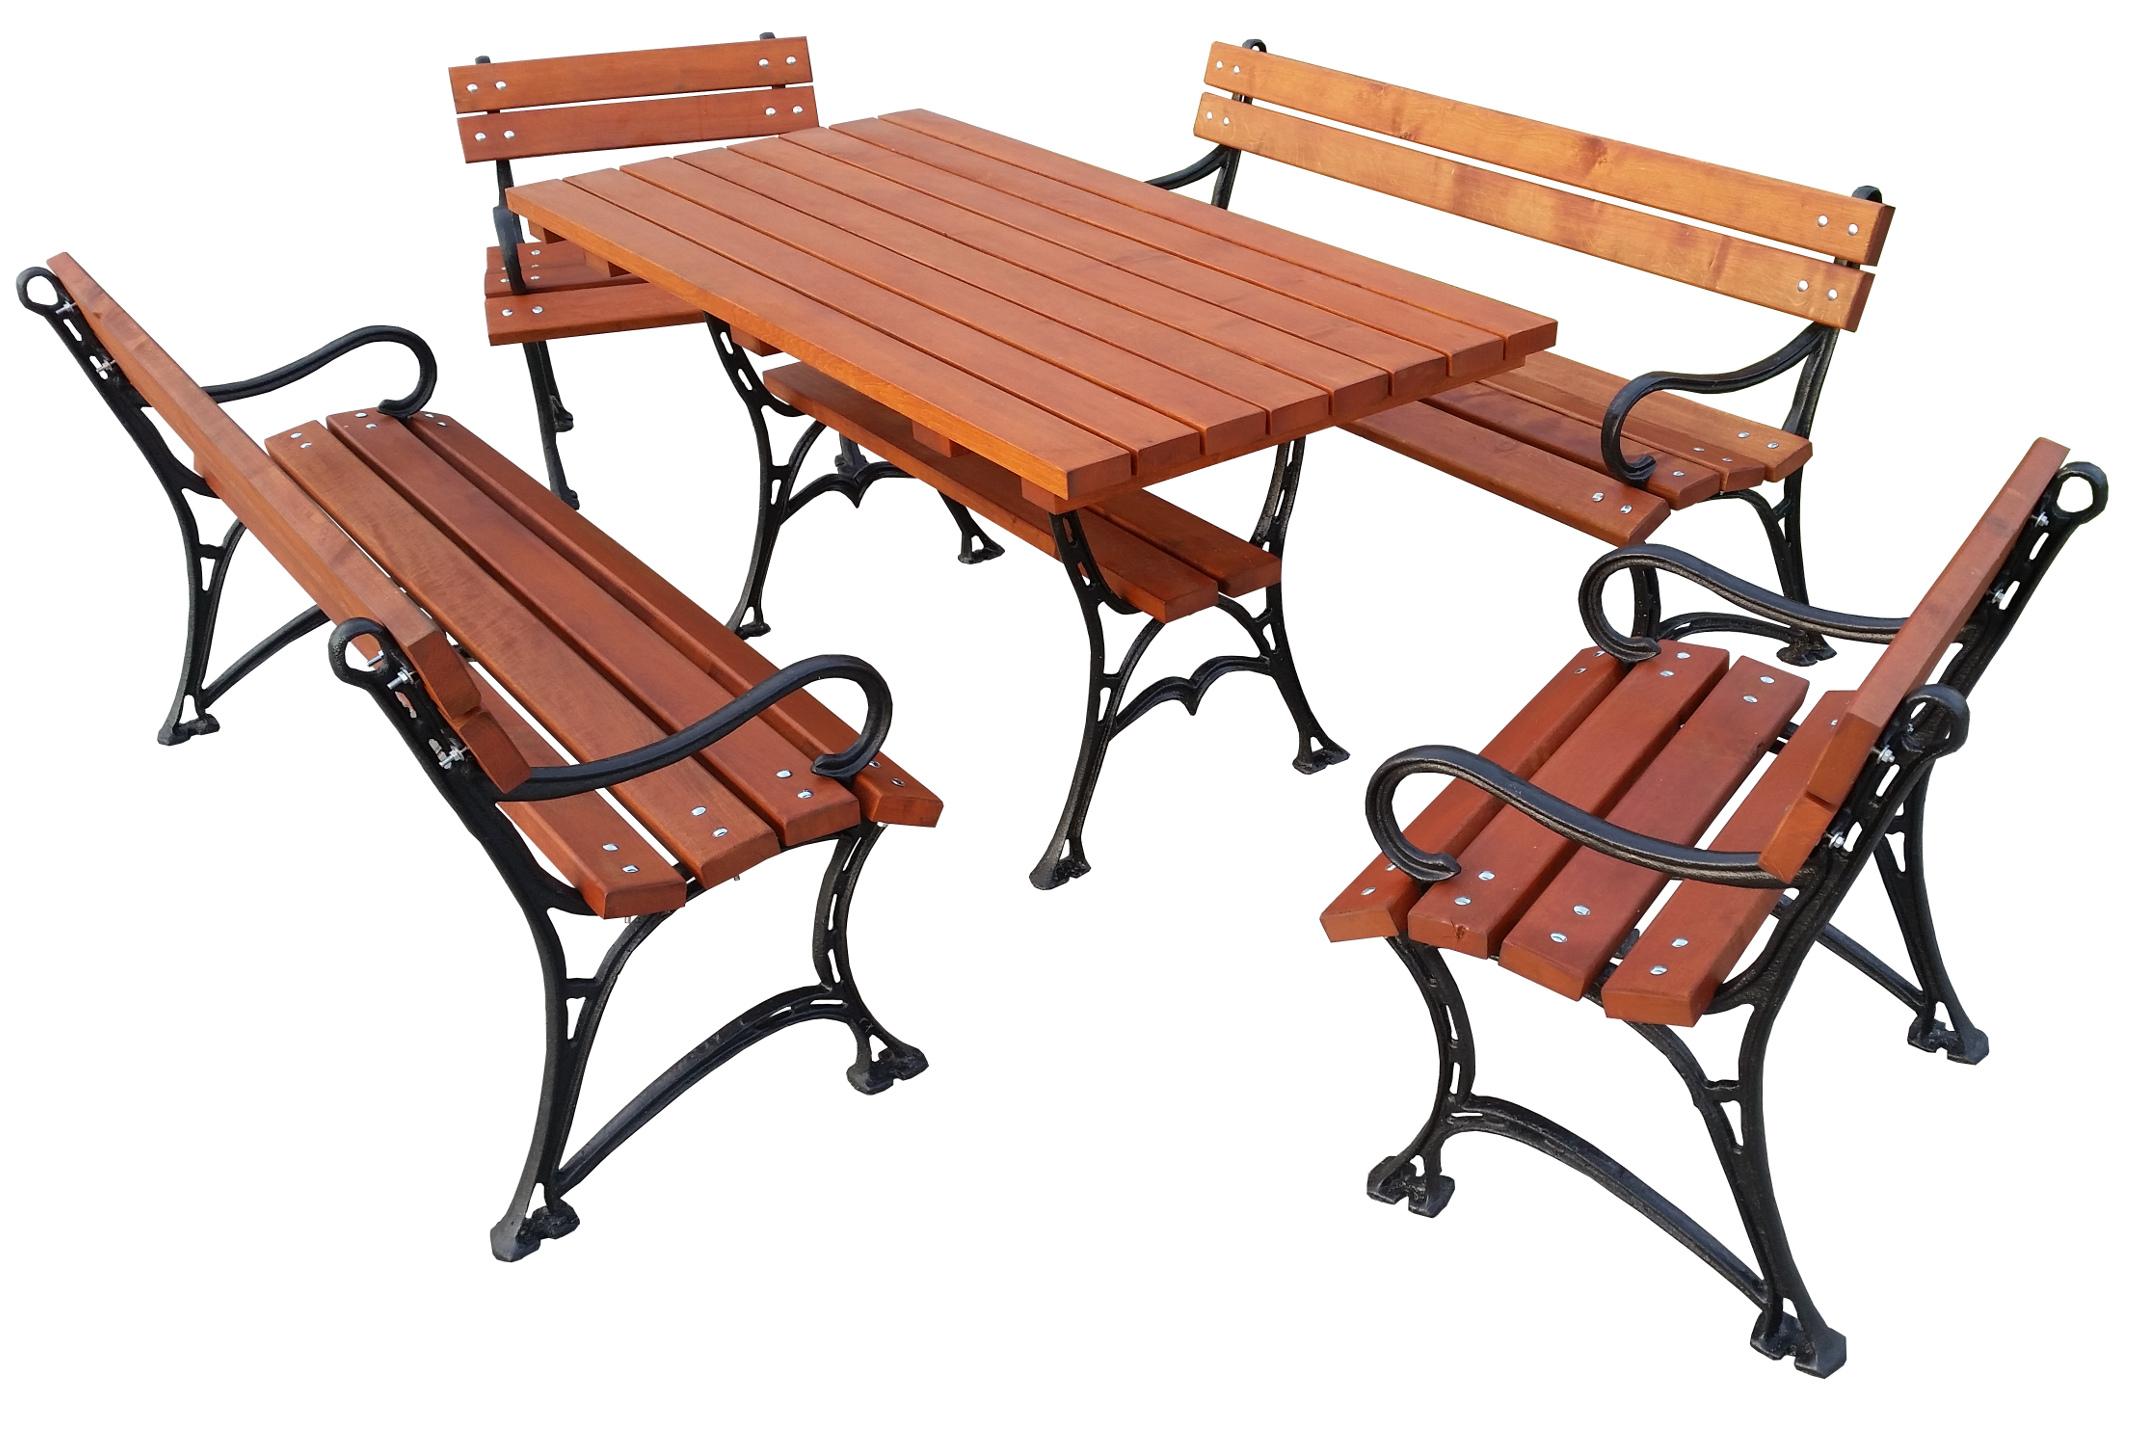 КОМПЛЕКТ - садовая мебель с подлокотниками. ЧУГУННЫЕ НОГИ